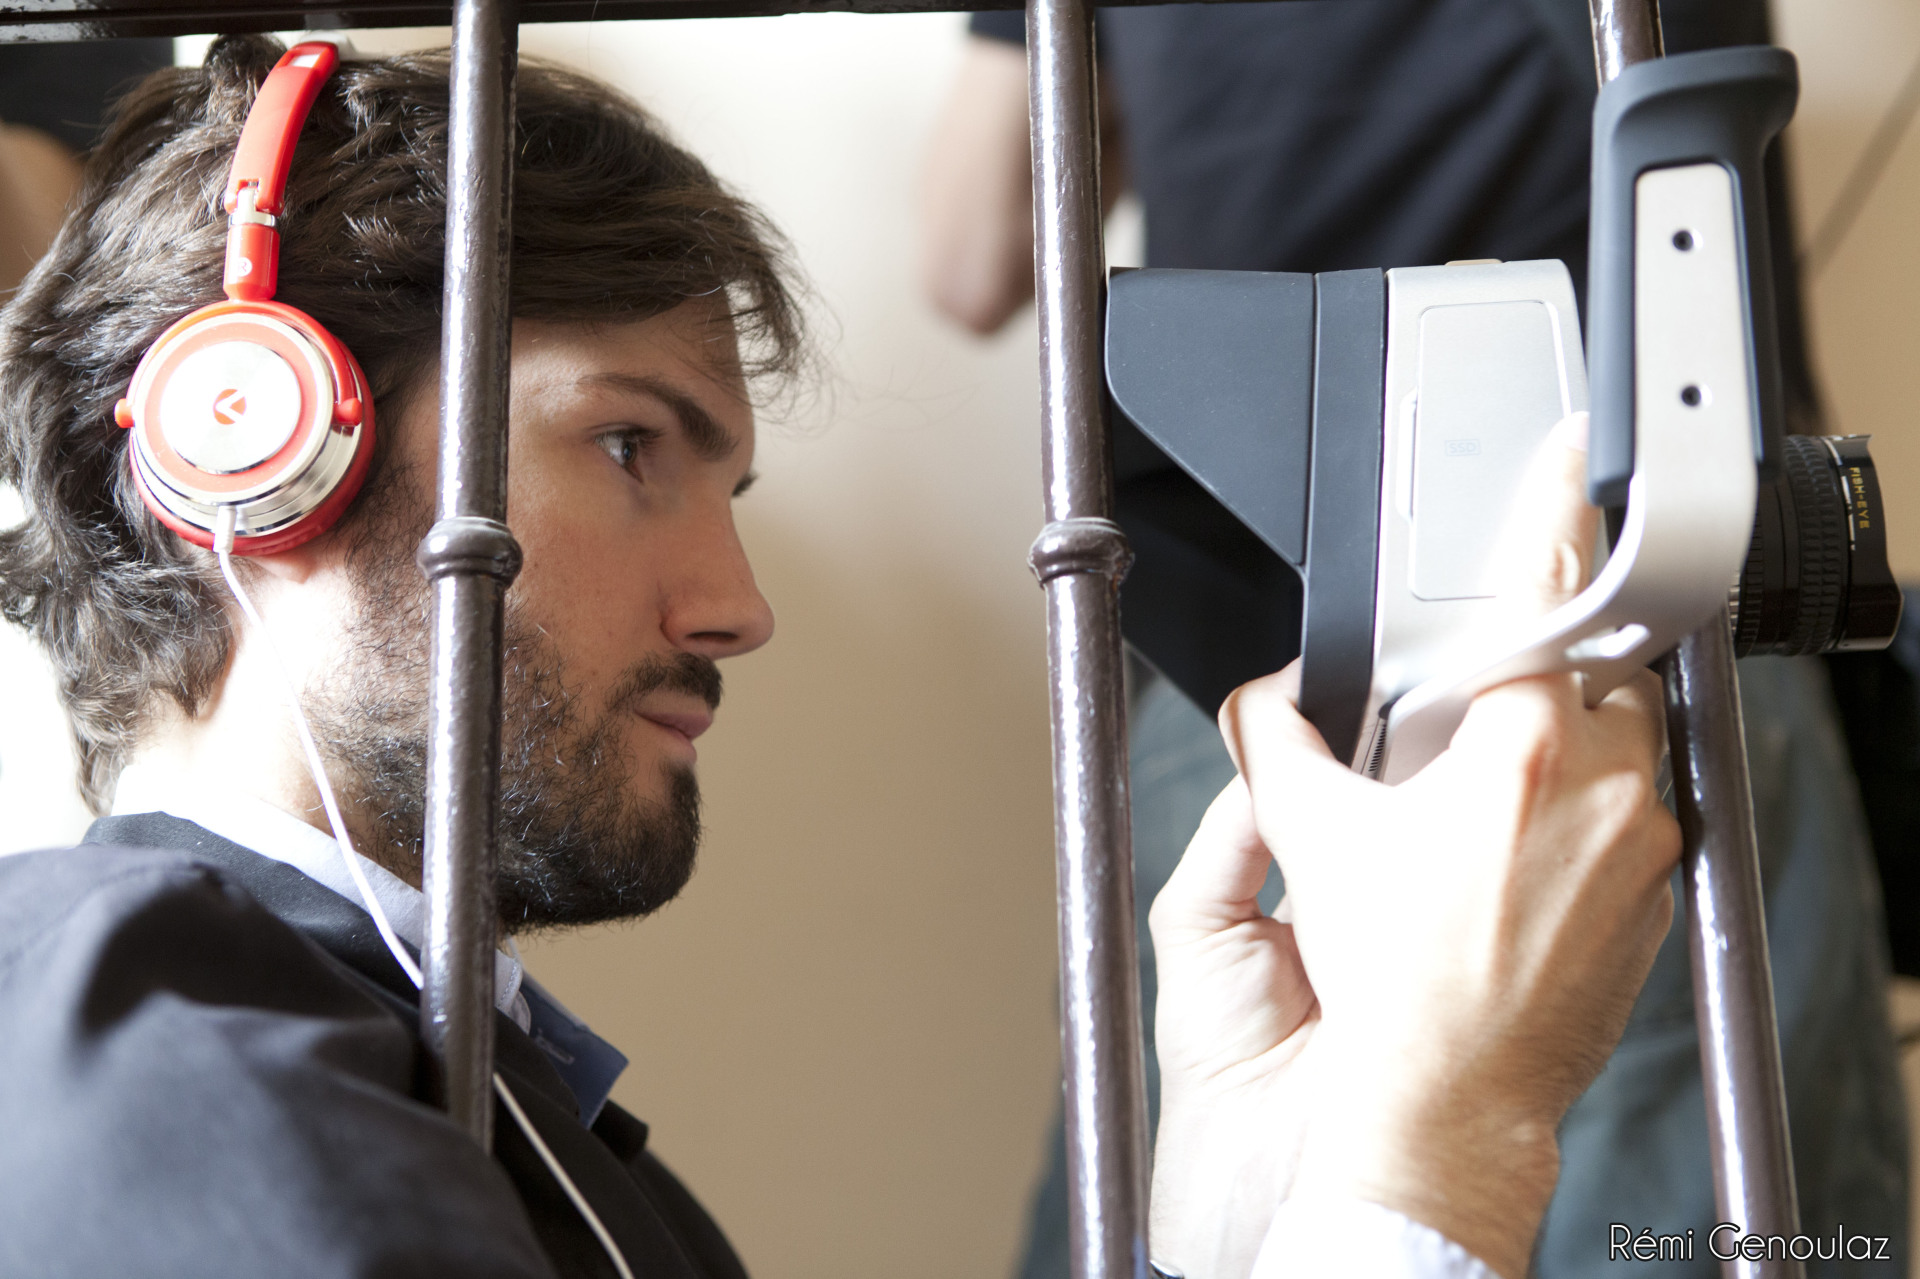 Matt operating B camera